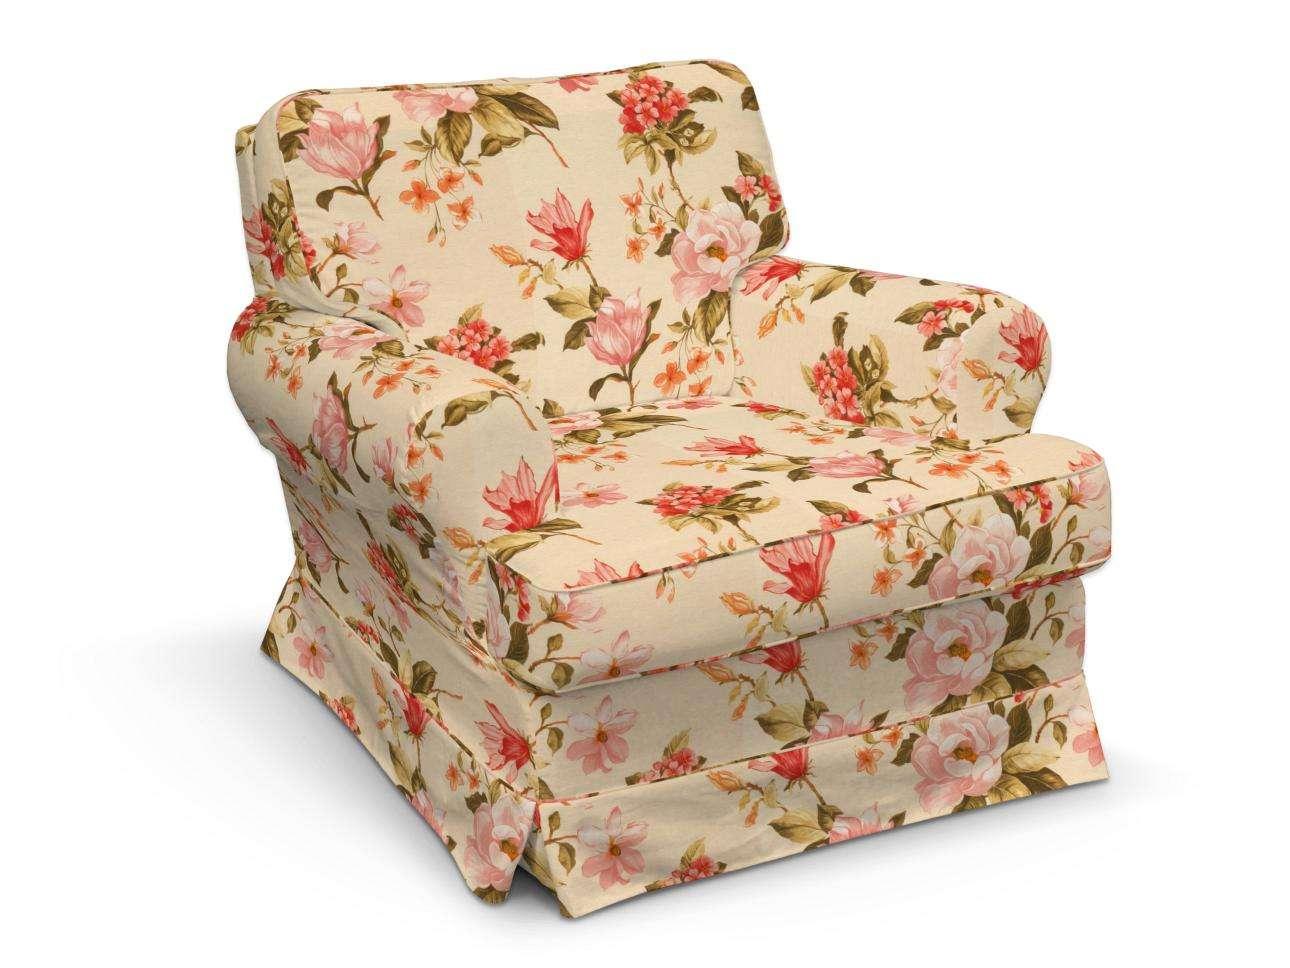 Barkaby fotelio užvalkalas Barkaby fotelio užvalkalas kolekcijoje Londres, audinys: 123-05